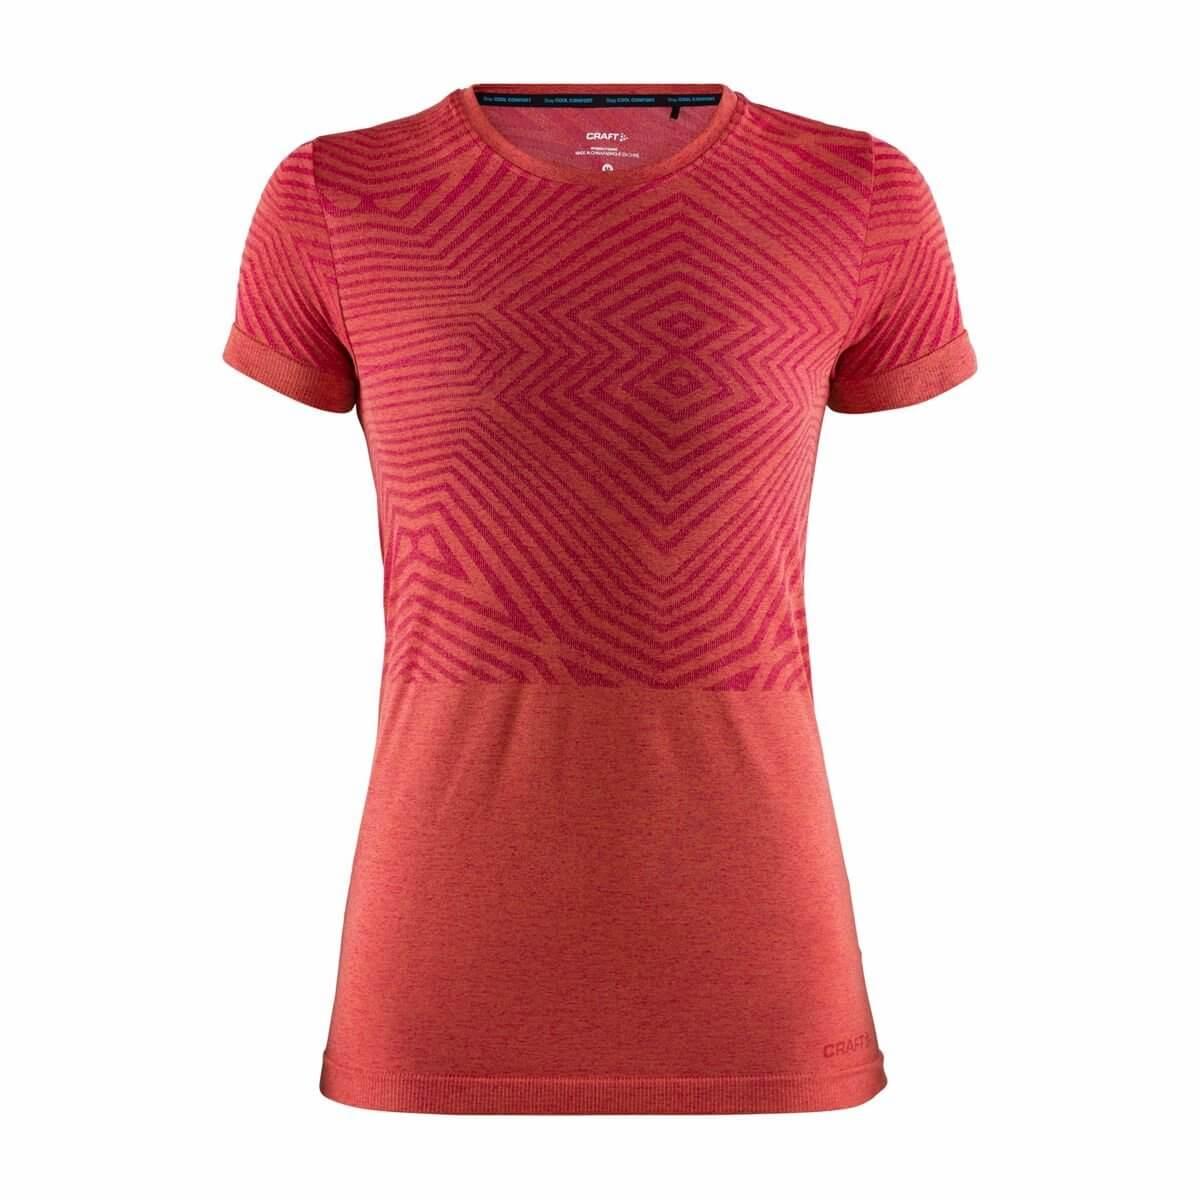 fcc505883bbe Craft W Triko Cool Comfort krátký rukáv růžová - dámské tričko ...